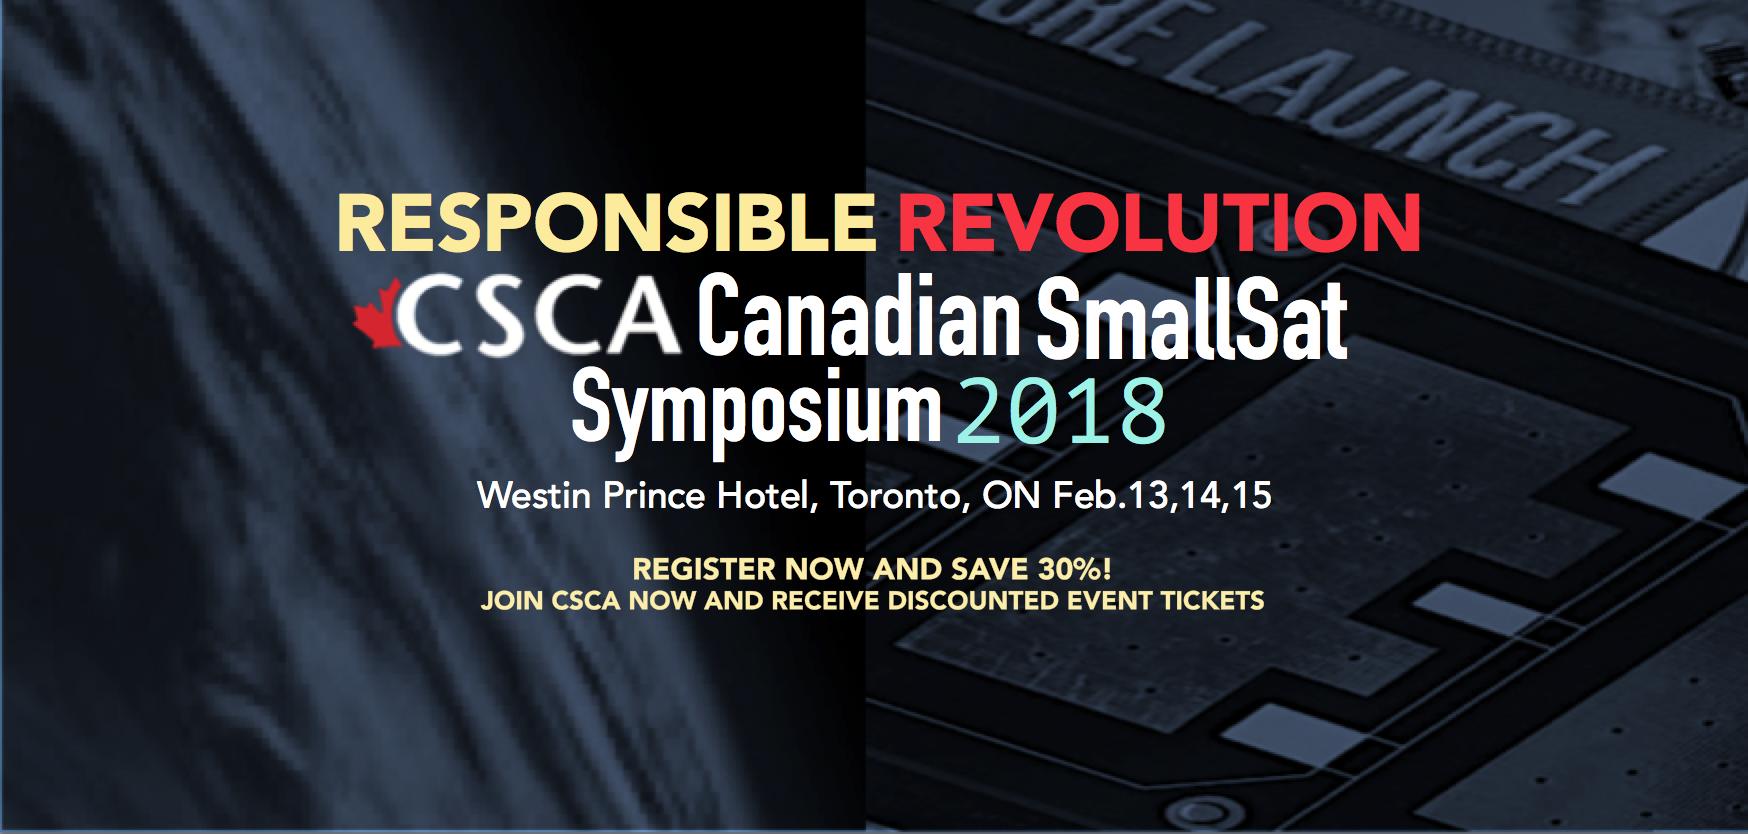 CSCA smallsat cover image